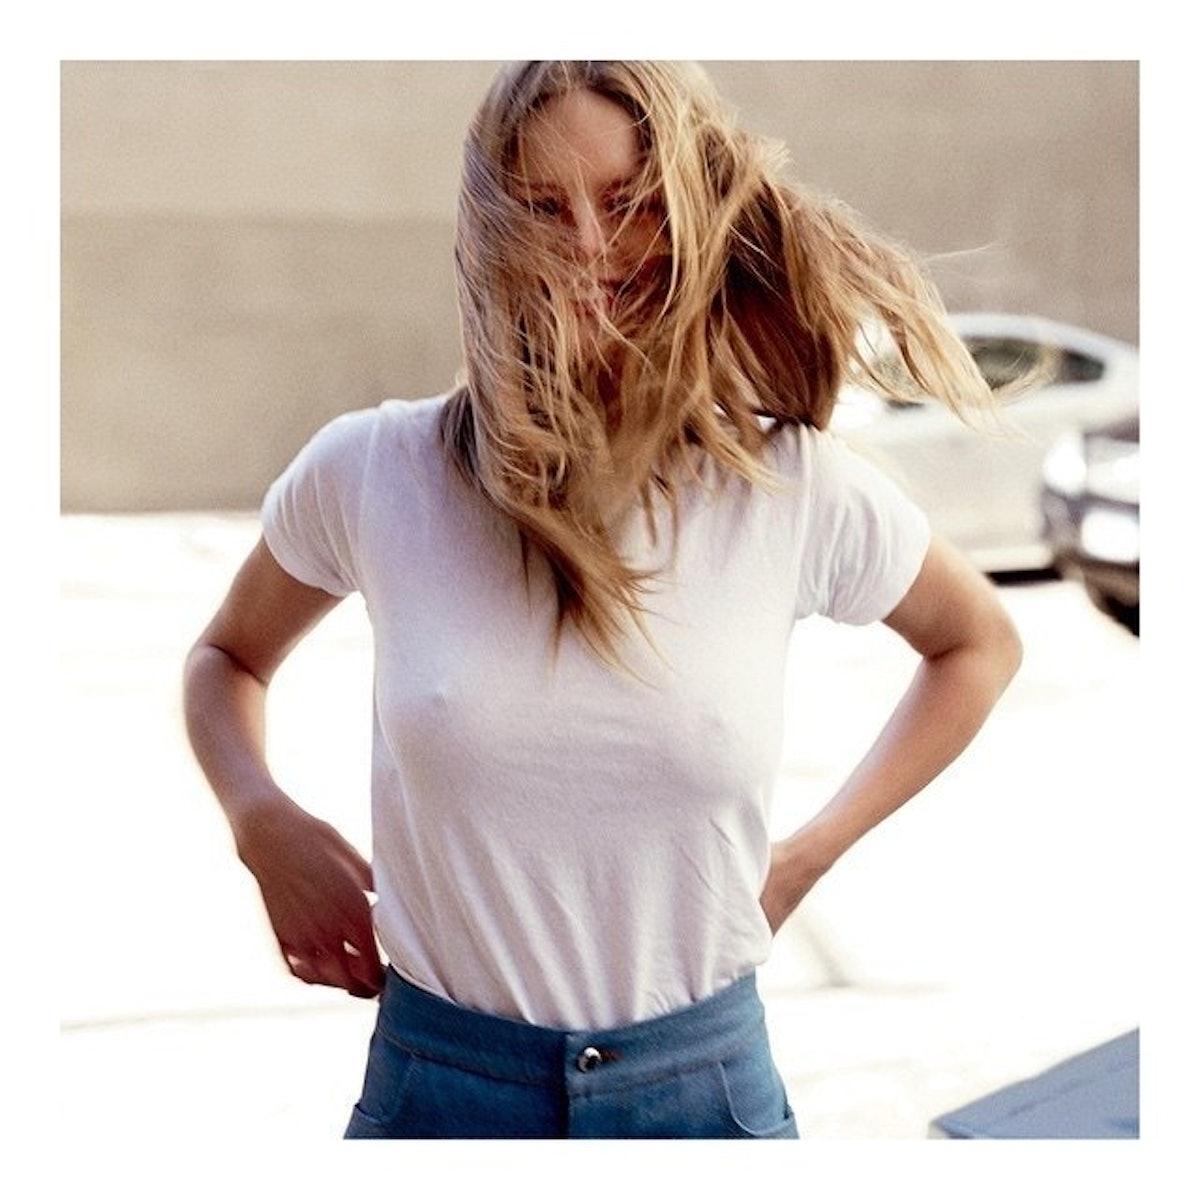 T-shirt Instagram Model